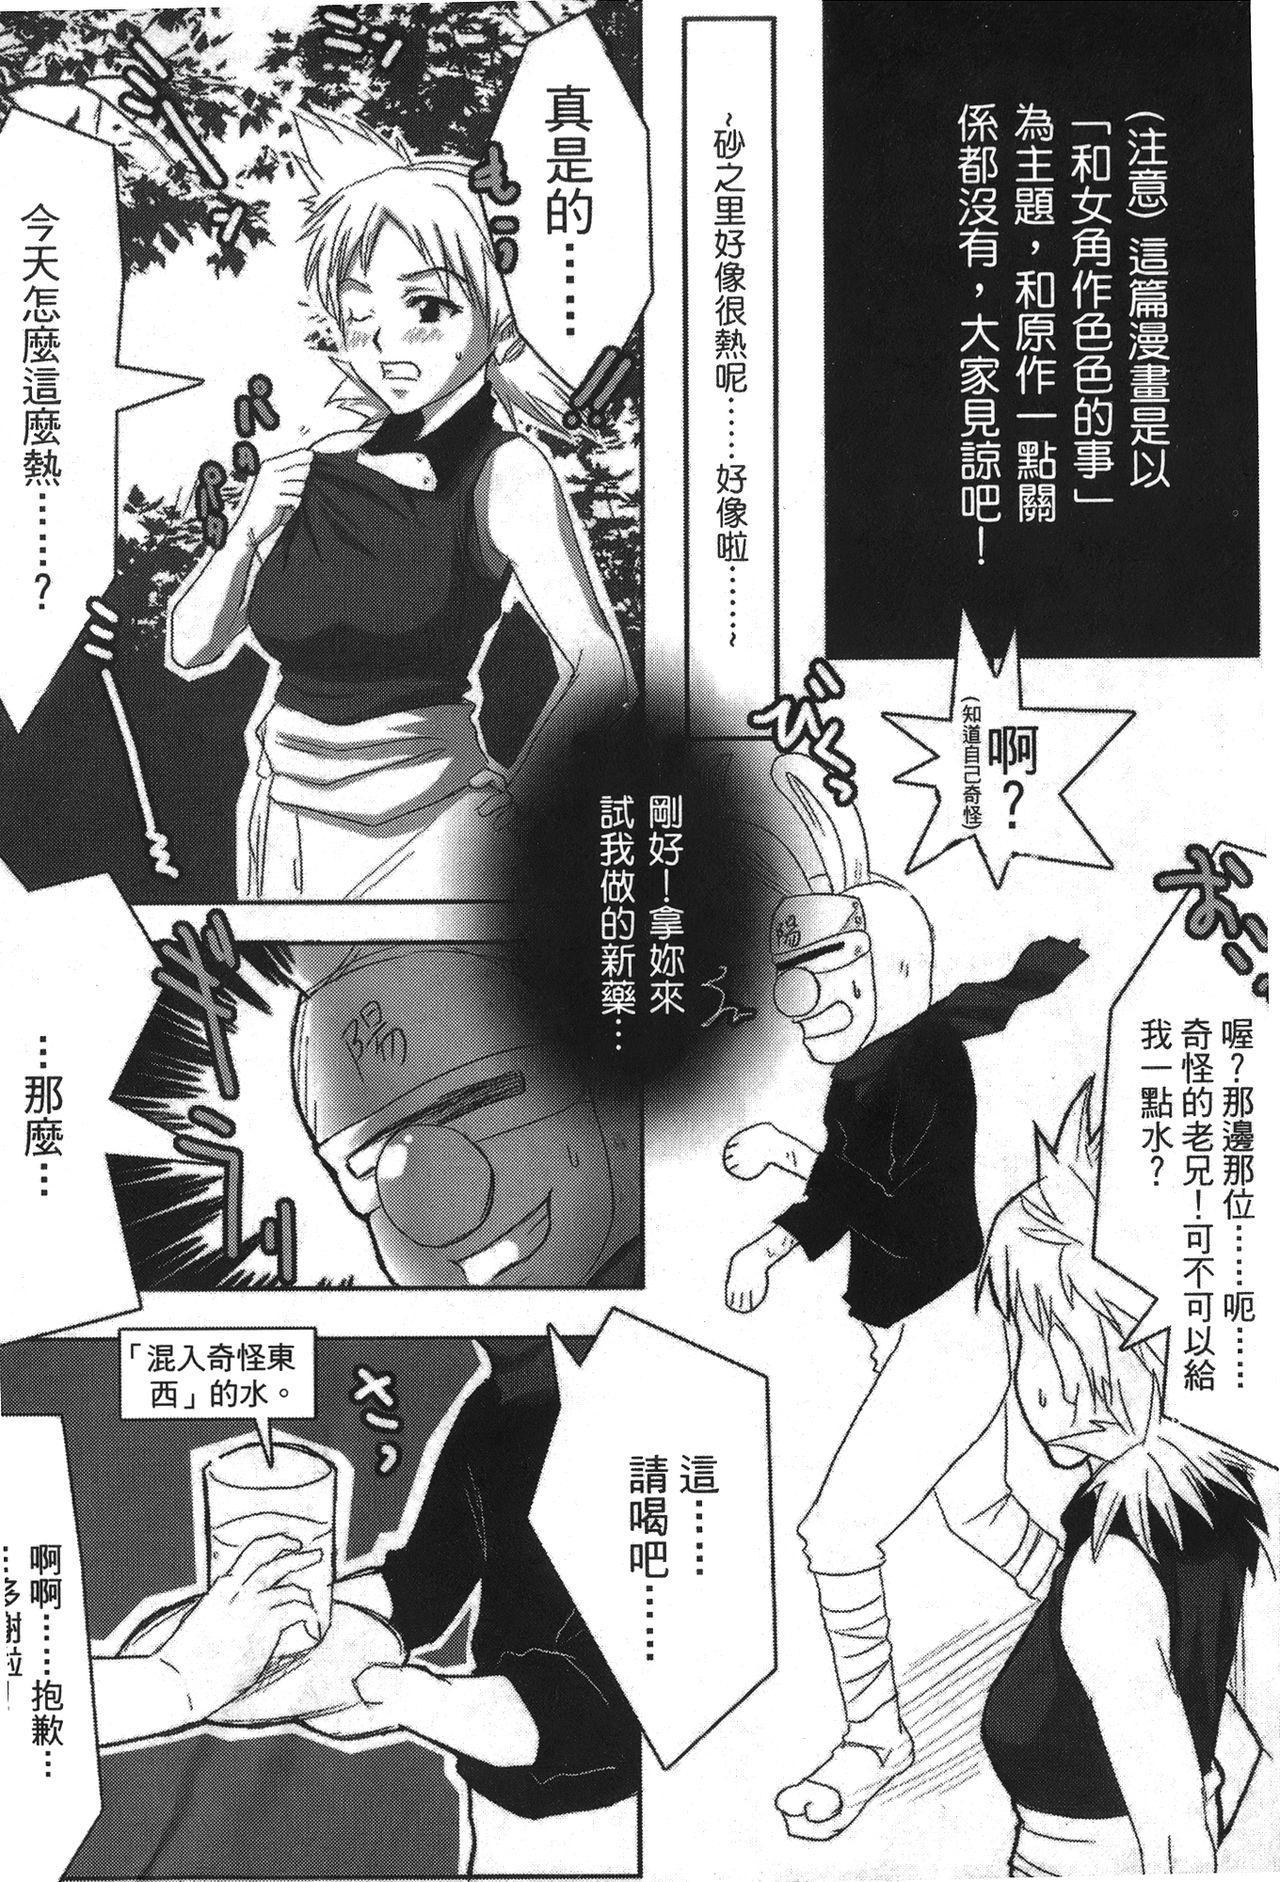 naruto ninja biography vol.02 24